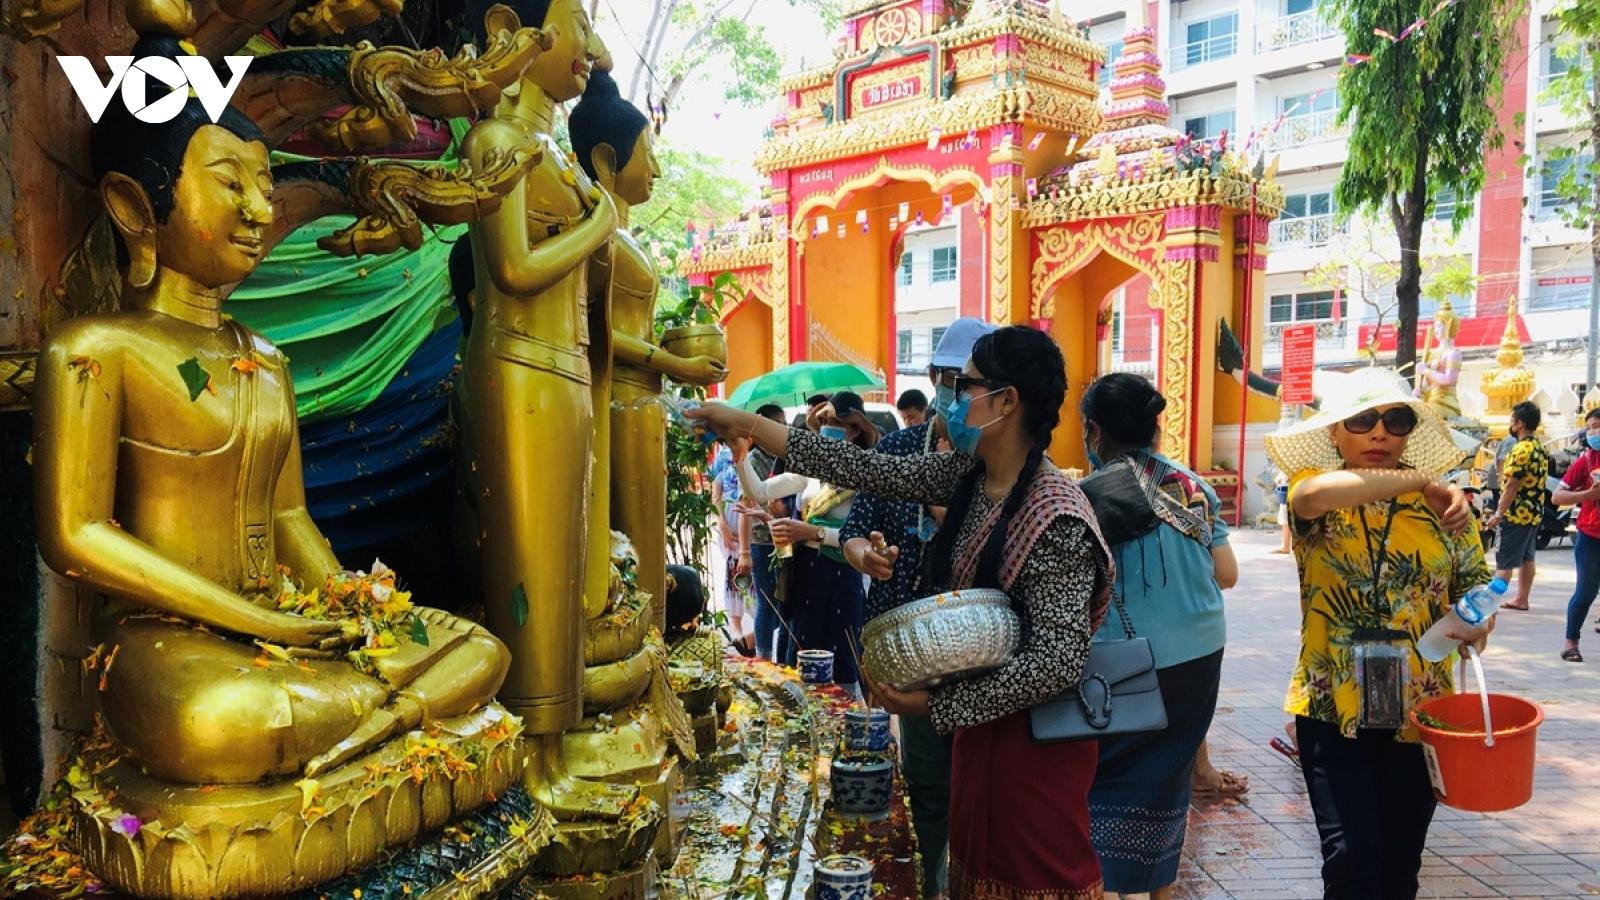 Ngừa Covid-19,Tết Lào diễn ra trong chùa, Thái Lan đóng trường học và cấm bán rượu